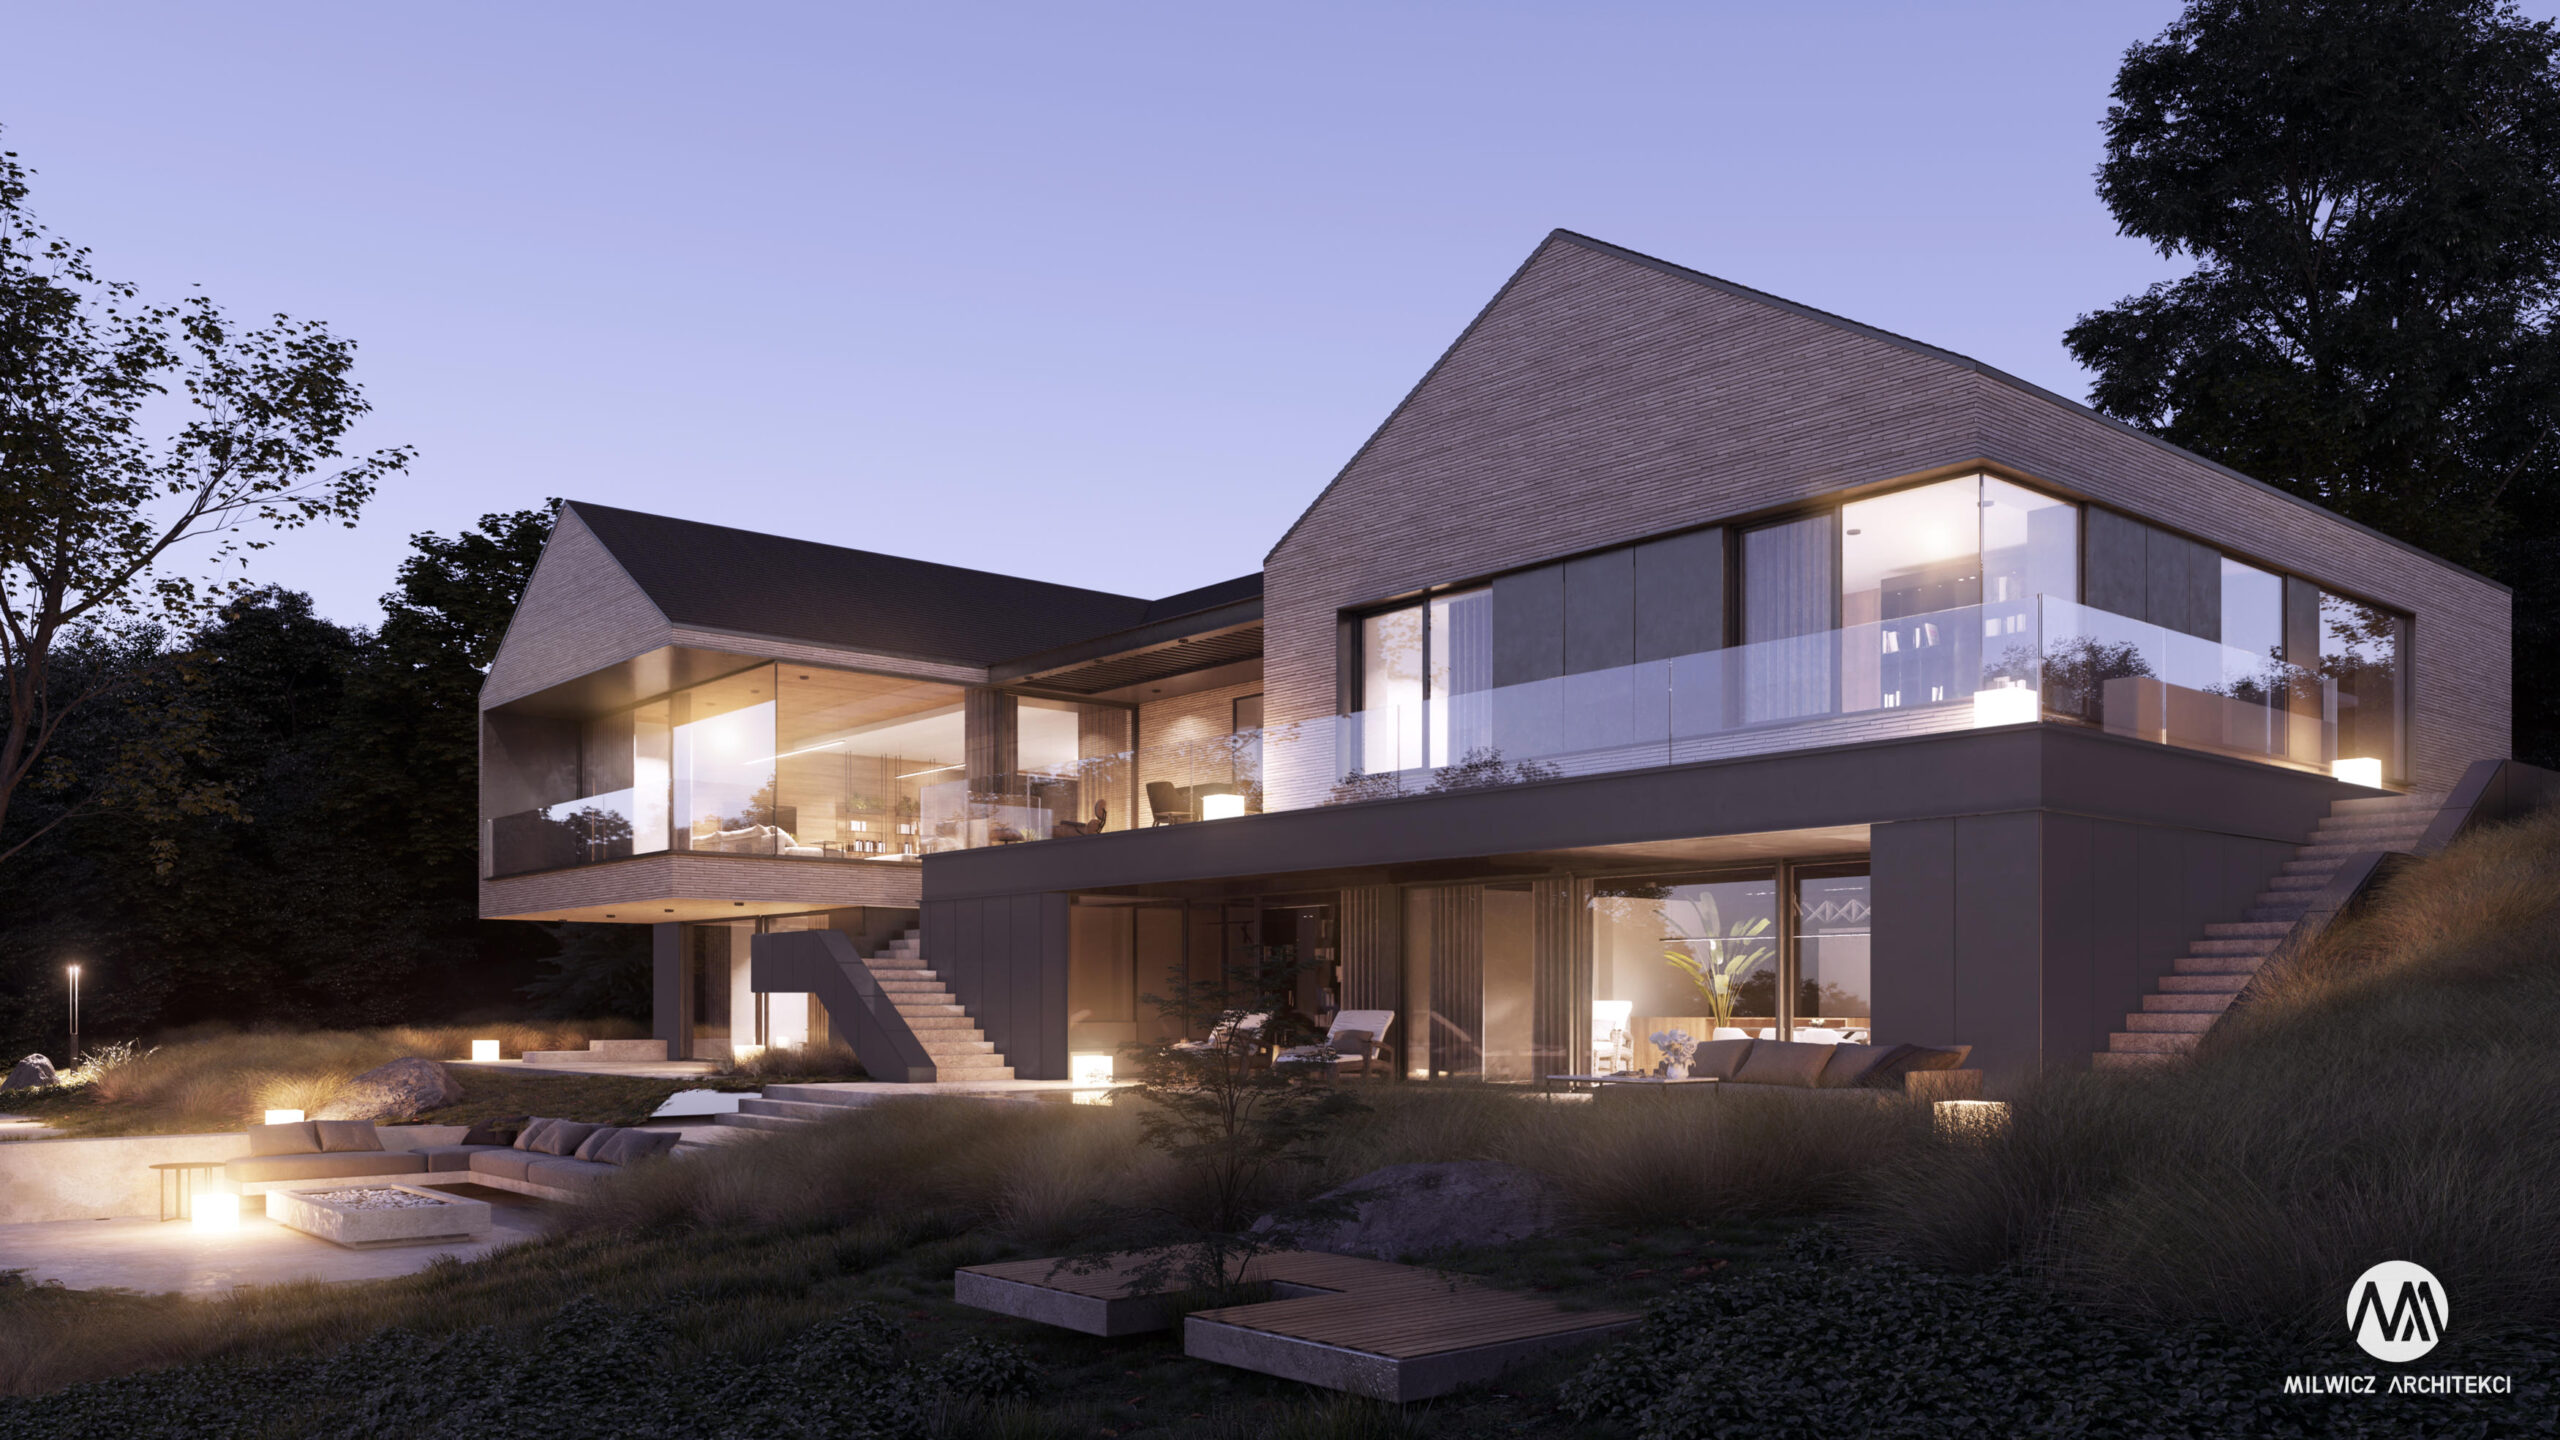 projekty indywidualne, nowoczesna architektura, modernizm, płaskie dachy, duże okna, nowoczesna stodoła